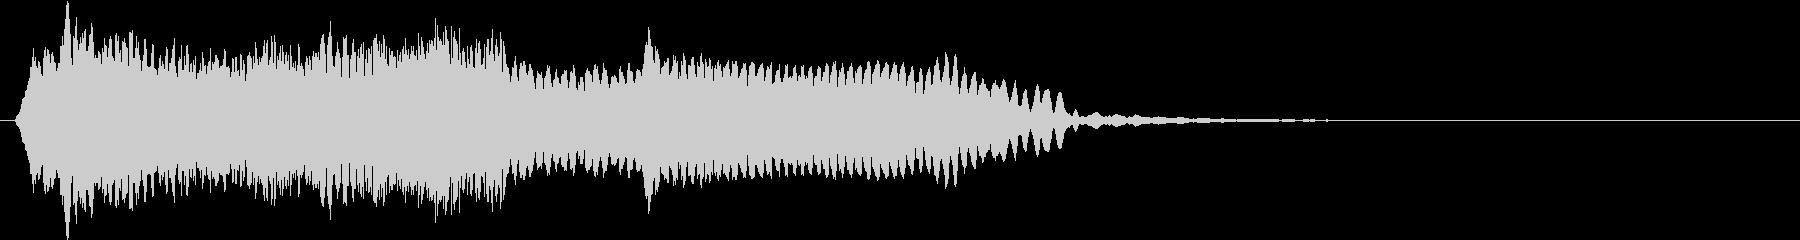 音侍SE「尺八フレーズ1」エニグマ音13の未再生の波形